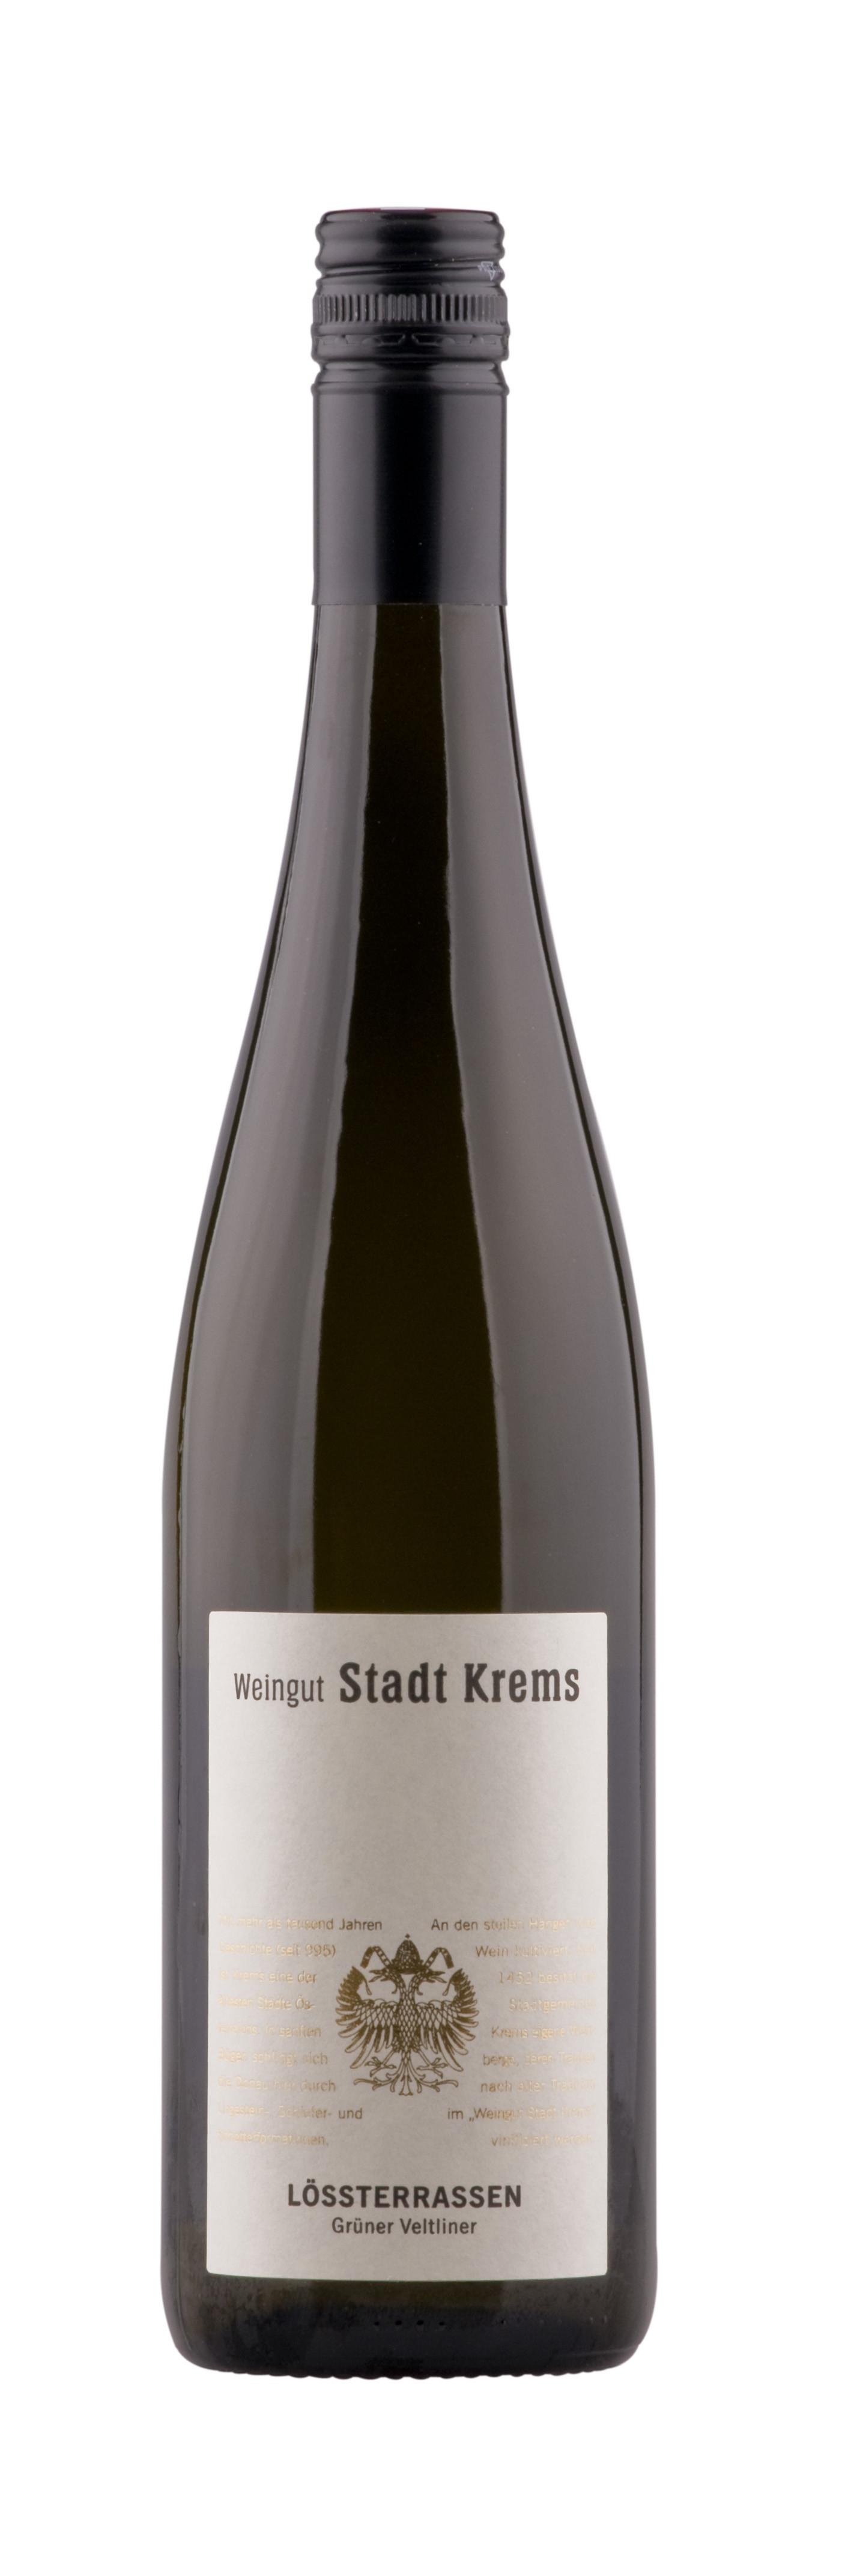 Weingut Stadt Krems Grüner Veltiner Lössterrassen